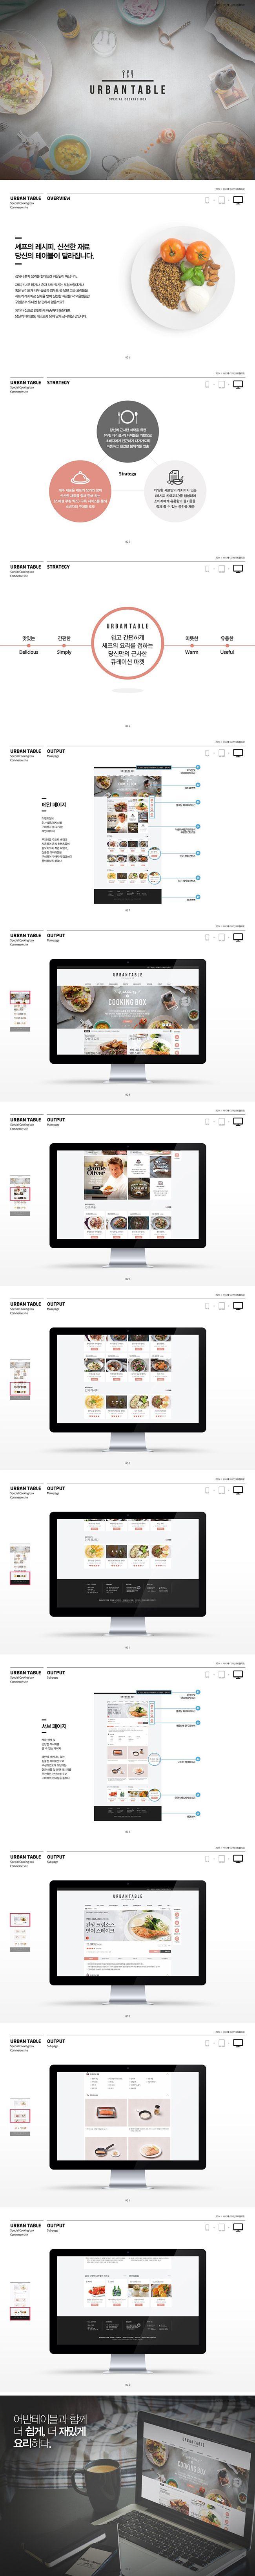 URBAN TABLE 쉽고 간편하게 셰프의 요리를 접하는 당신만의 근사한 큐레이션 마켓 , 무채색을 주조로 배경에 사용하여 음식 컨텐츠들이…